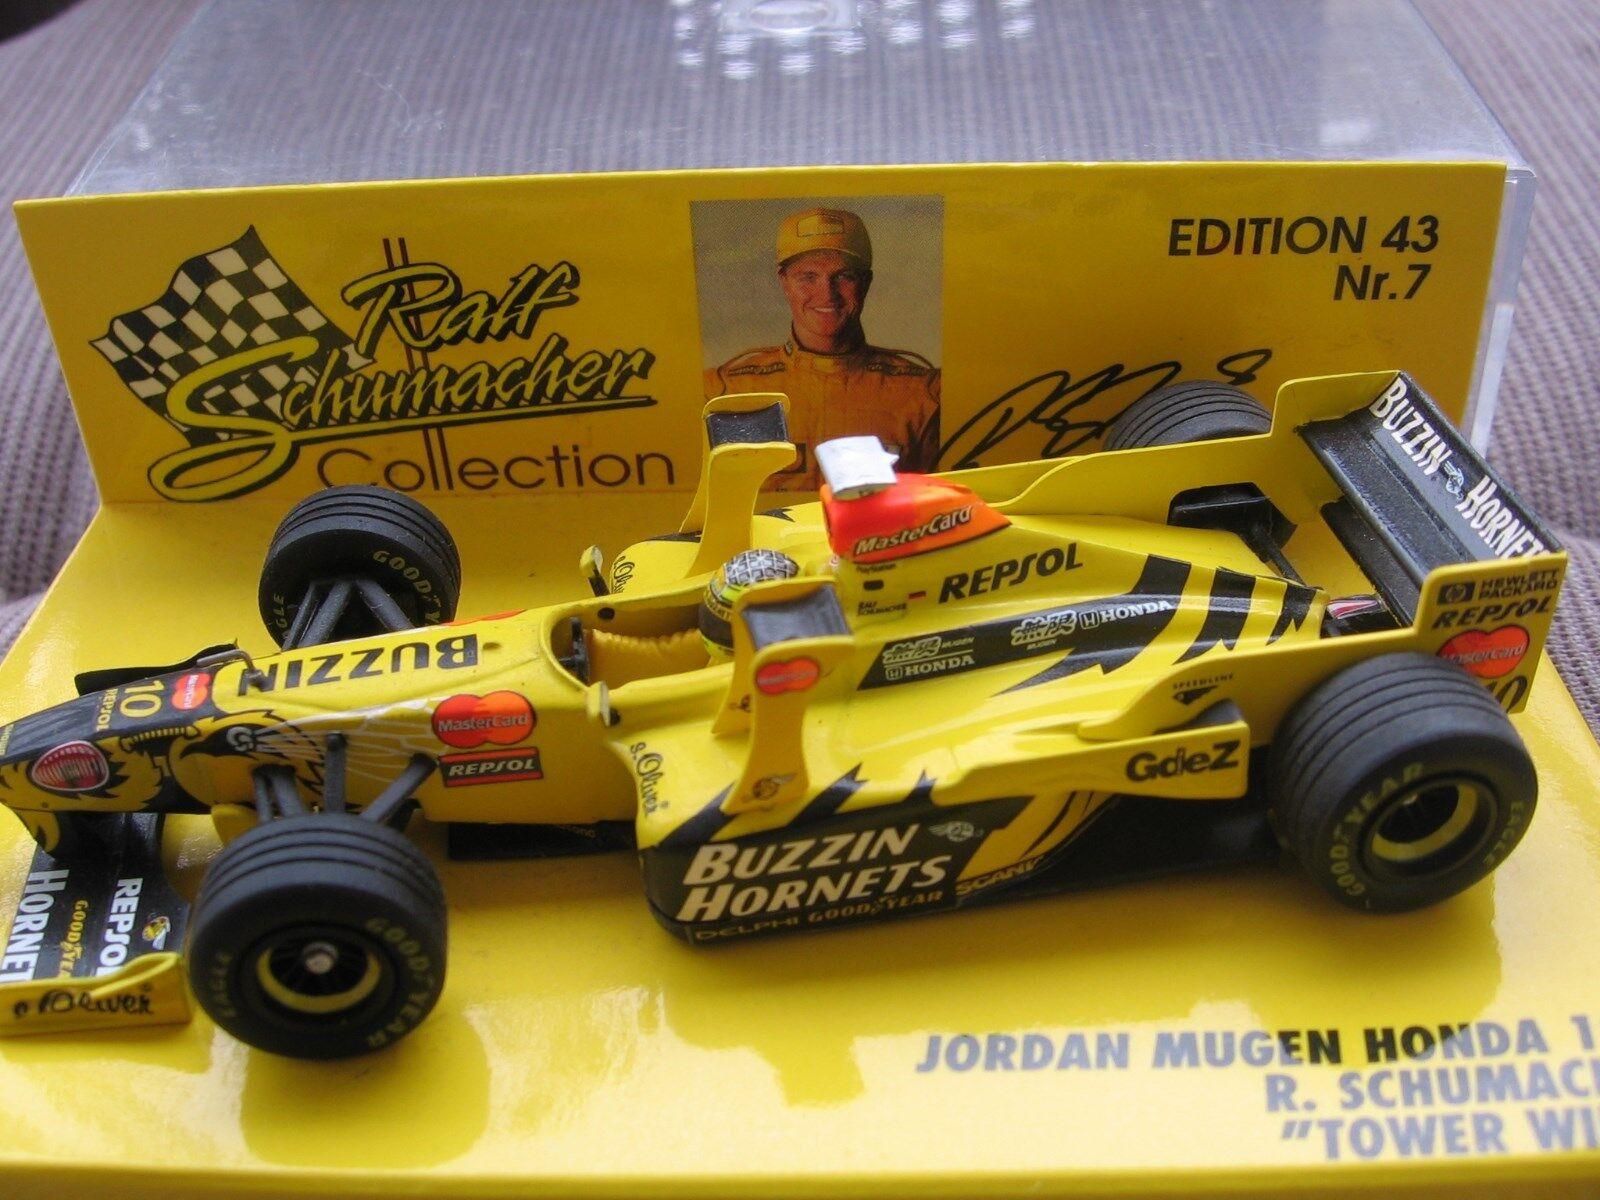 RSC Schumacher F1 Jordan 198 TOWER WING 3.333 Limited 1 43 MINICHAMPS OVP